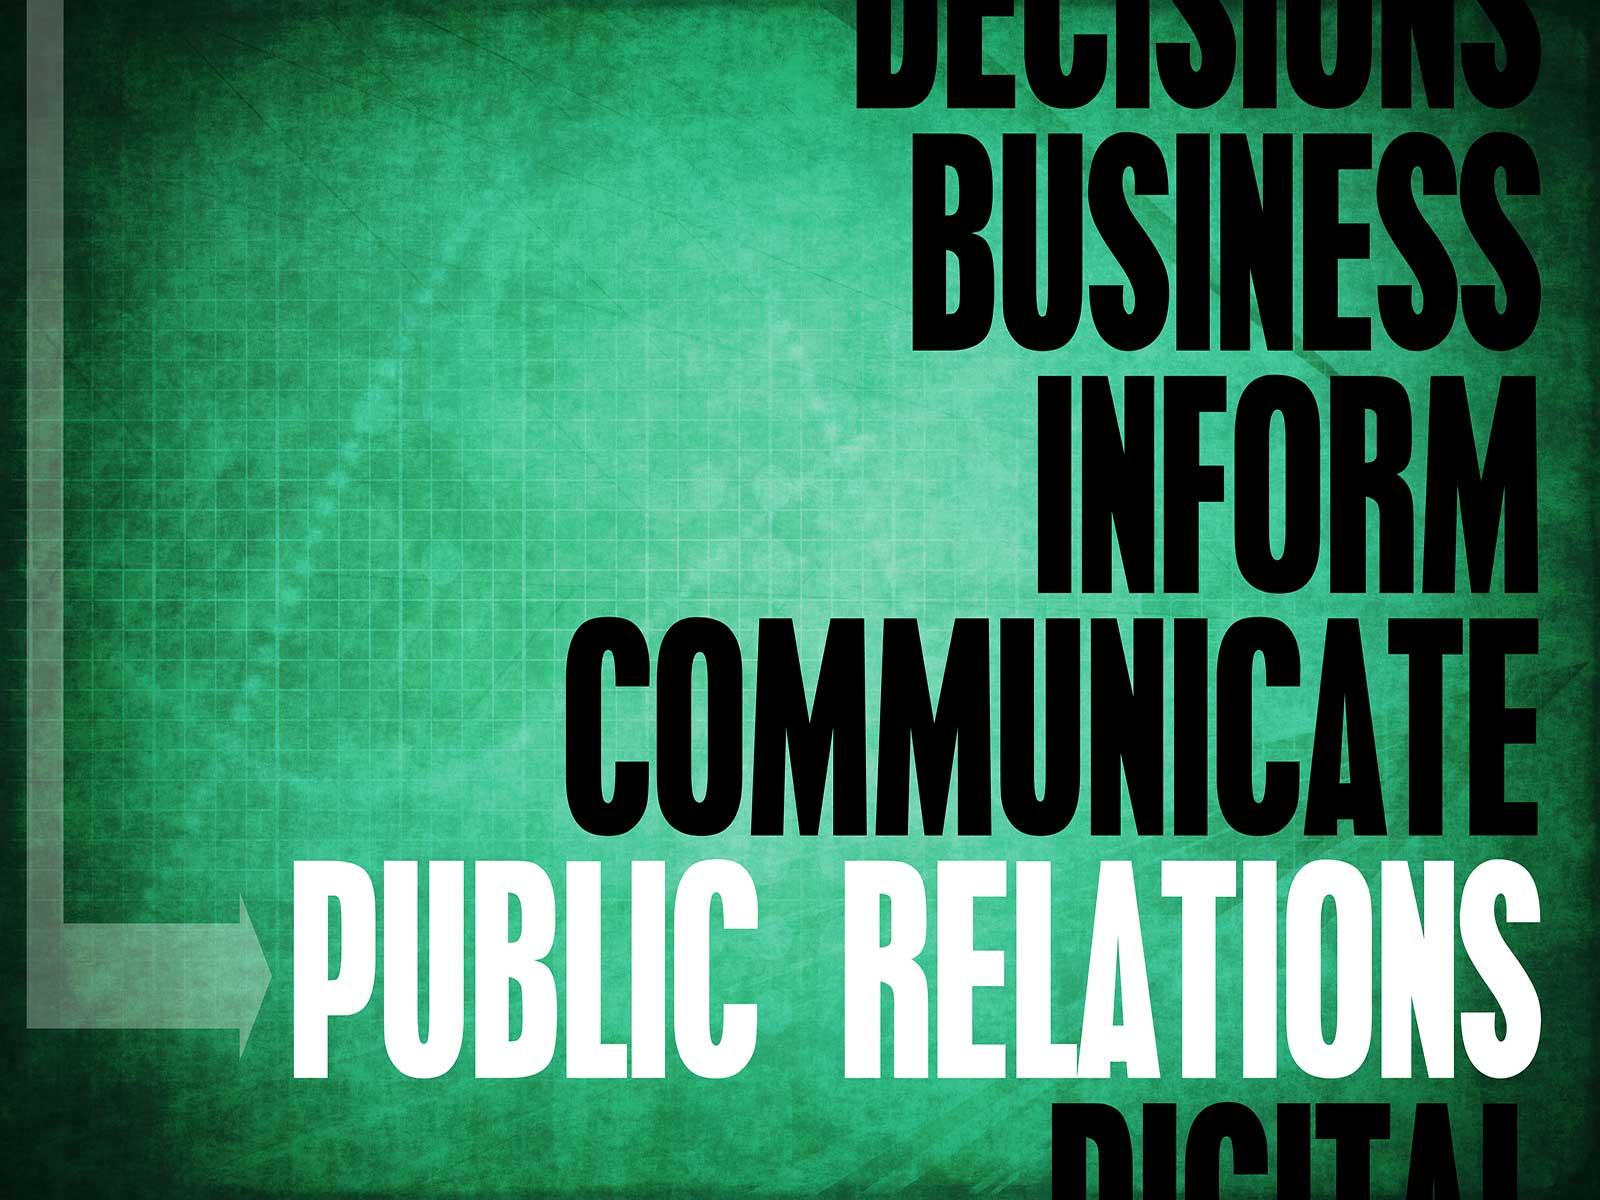 ¿Cuál es el perfil del relaciones públicas? | Escuela Universitaria Formatic Barcelona